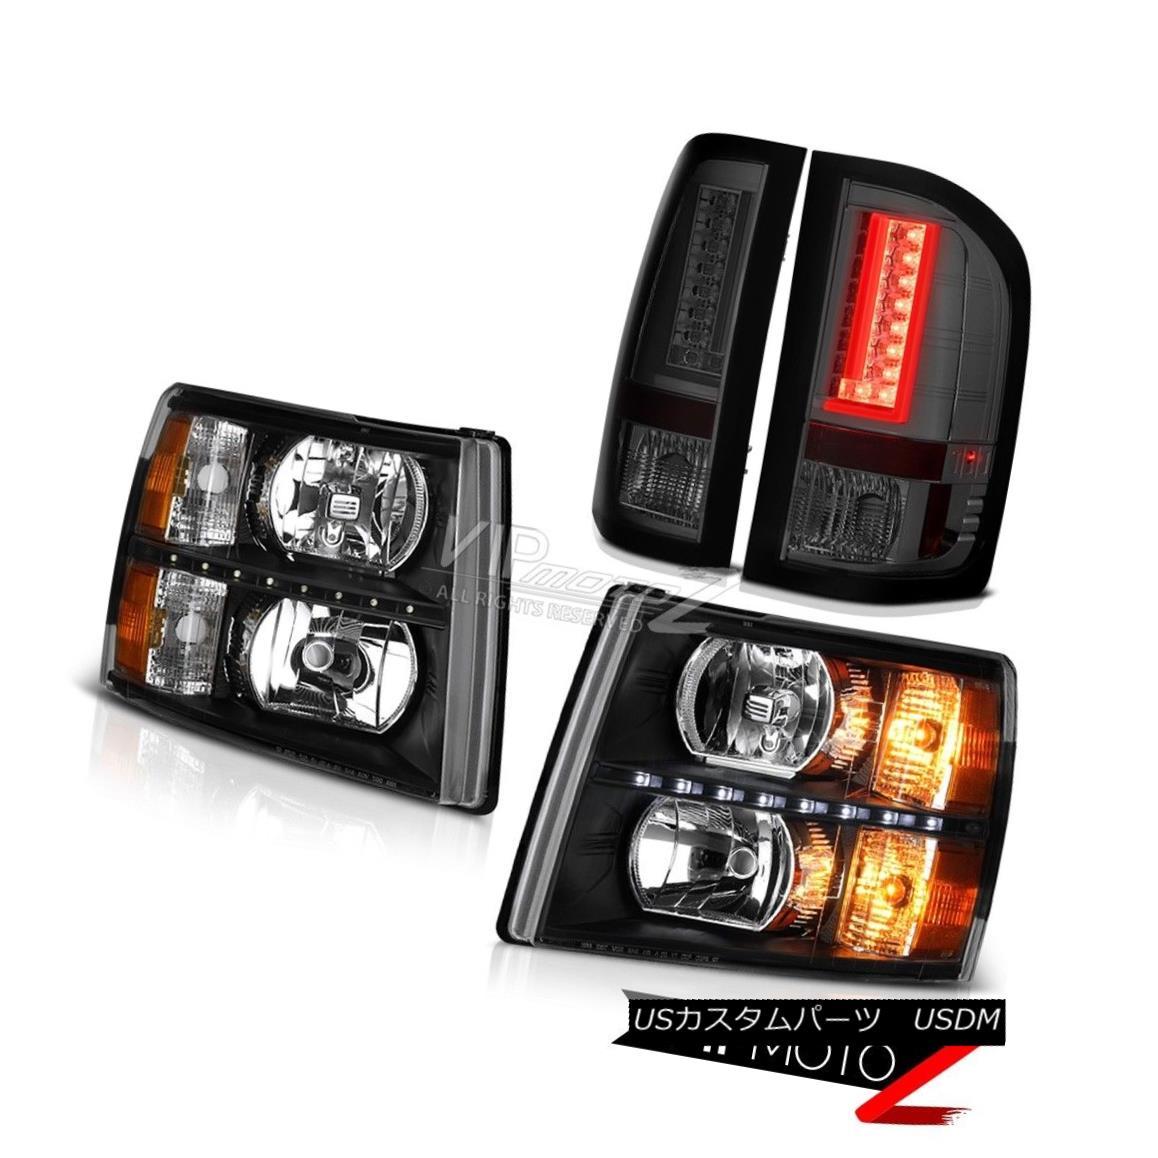 ヘッドライト 2007-2013 Chevy Silverado 1500 Rear Brake Lights Headlamps LED DRL